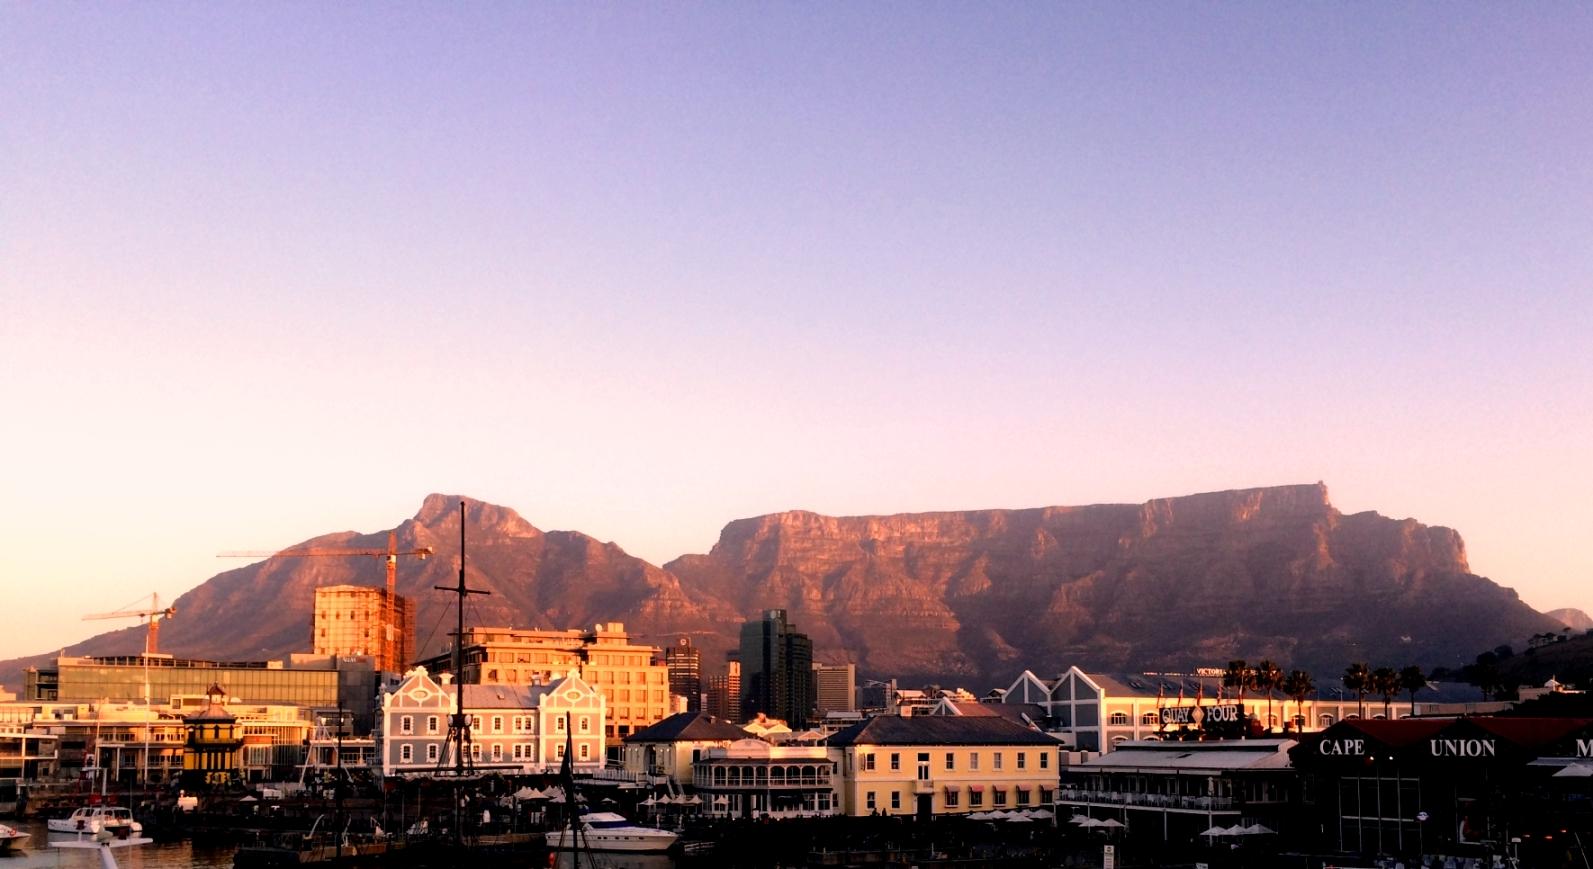 テーブルマウンテン(南アフリカ)の見所!ケーブルカーや登山体験ツアーも!